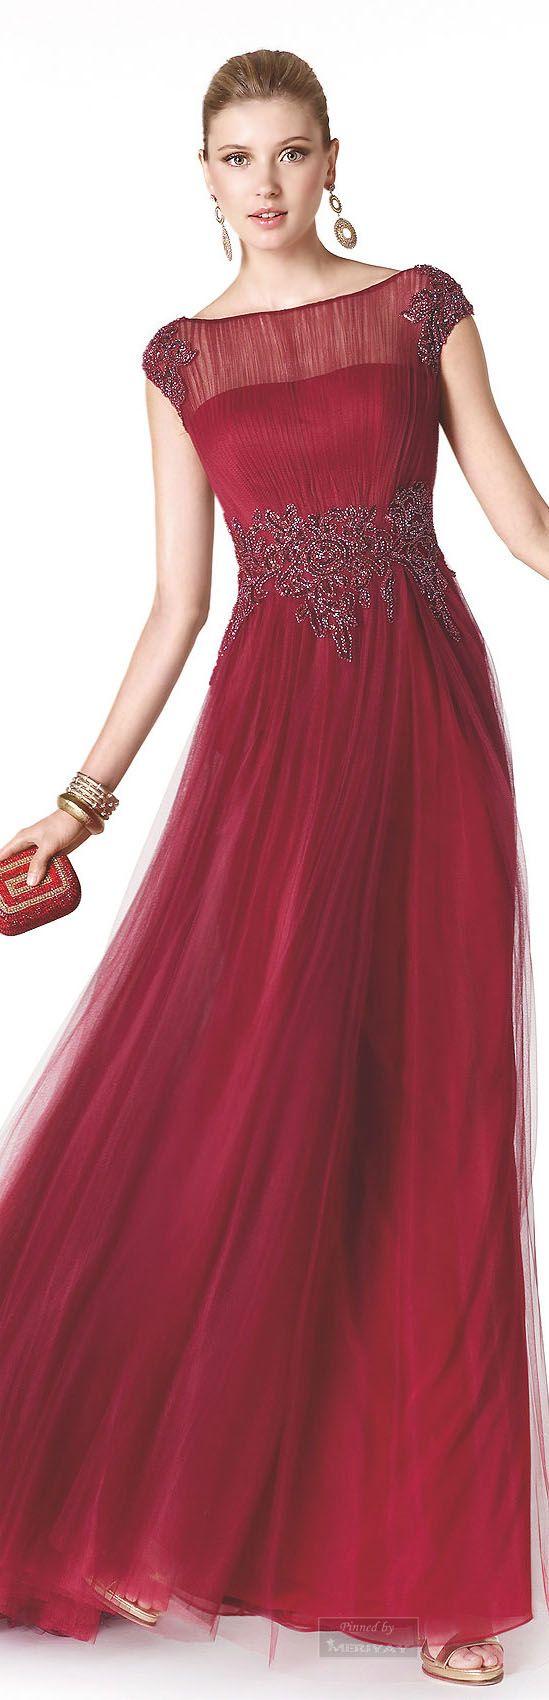 Dicen que el rojo en Nochevieja es el color que te proporciona amor todo el año, atrévete con un vestido rojo para la fiesta y disfruta de un año repleto de amor